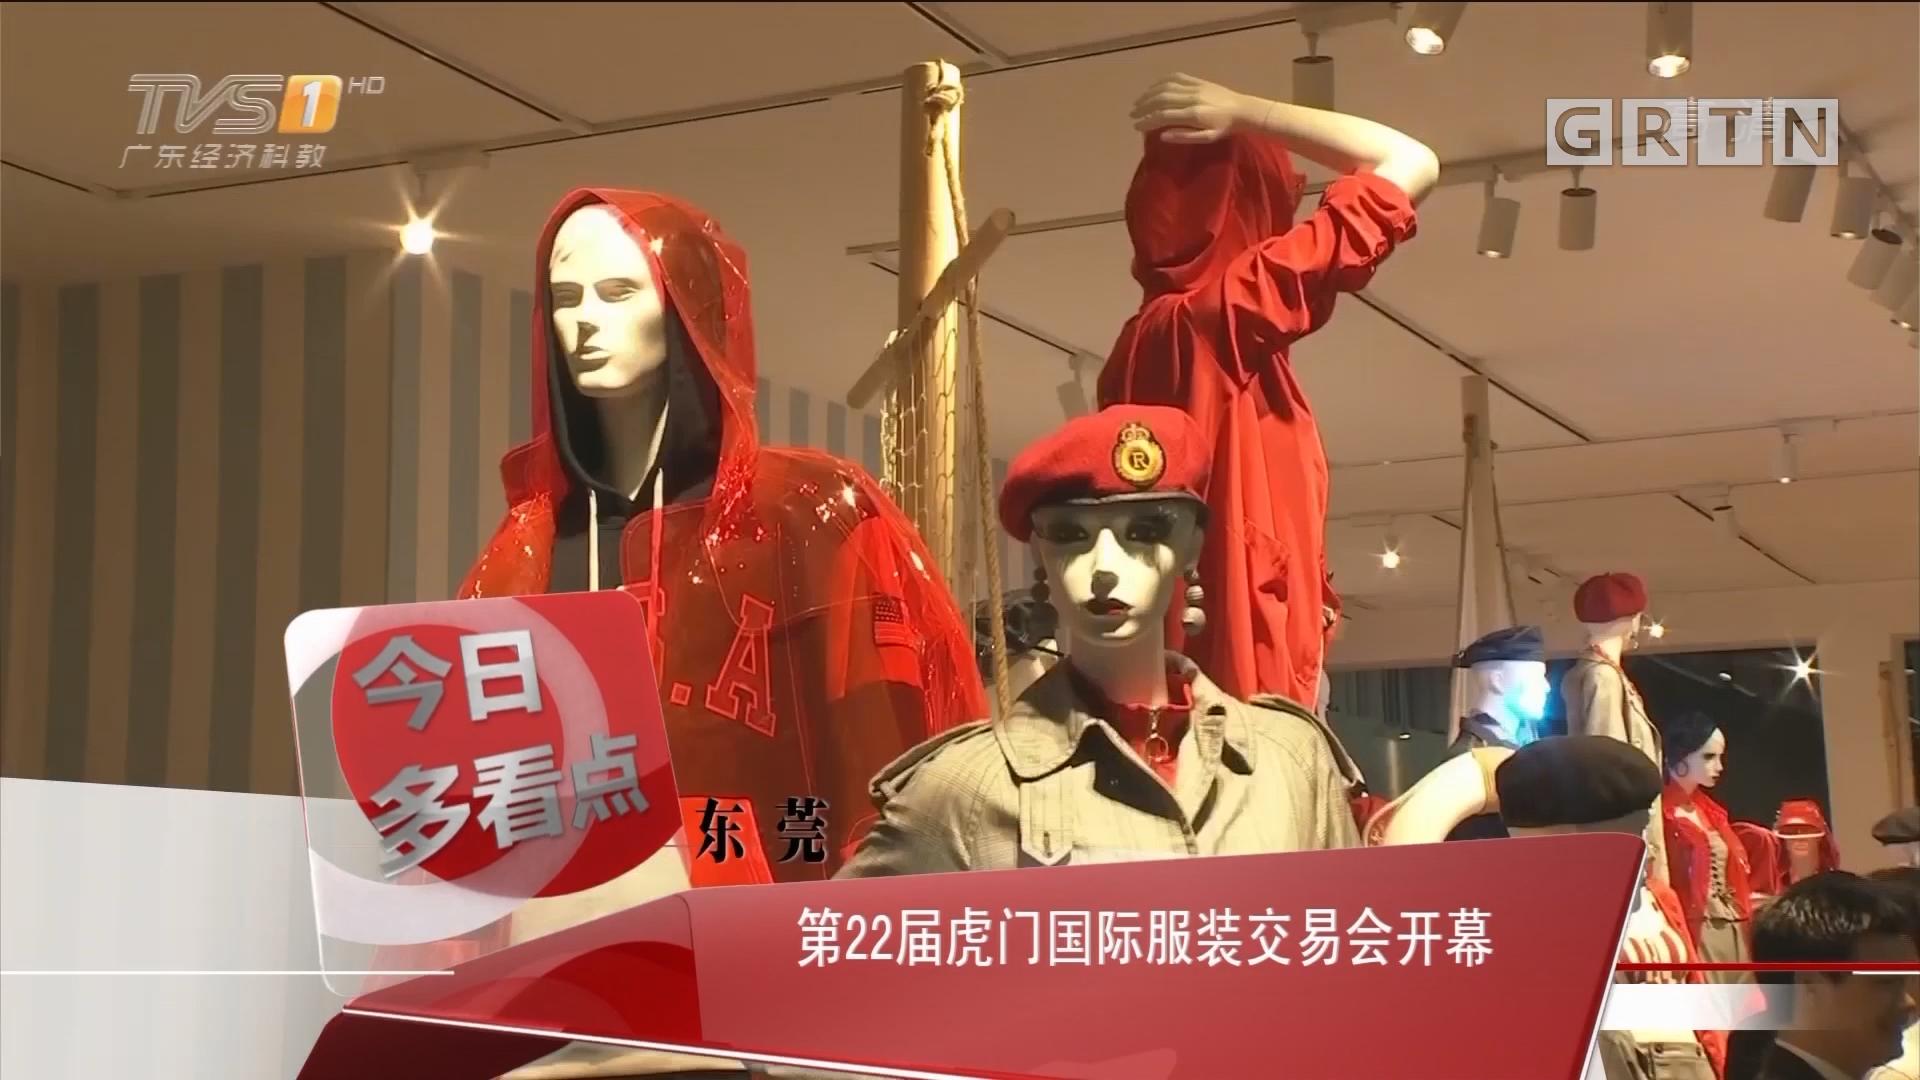 东莞:第22届虎门国际服装交易会开幕